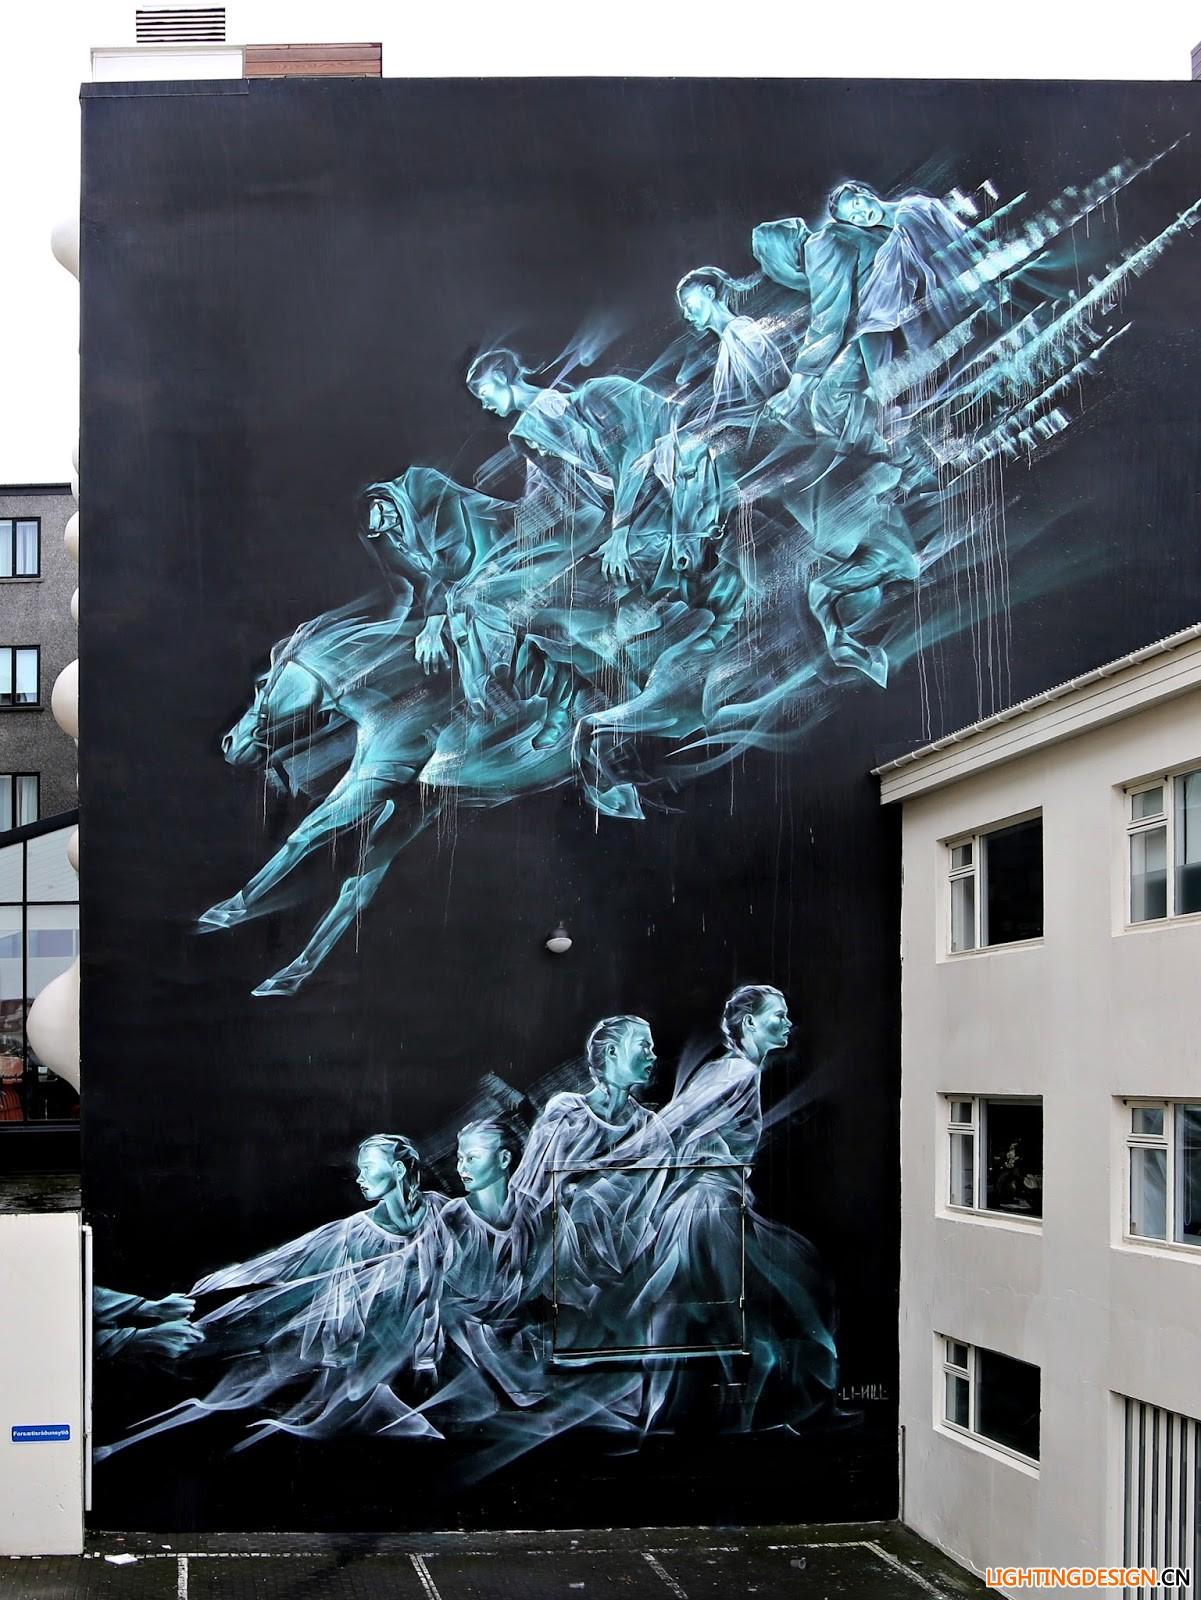 天使与魔鬼,皆融入这些城市墙面